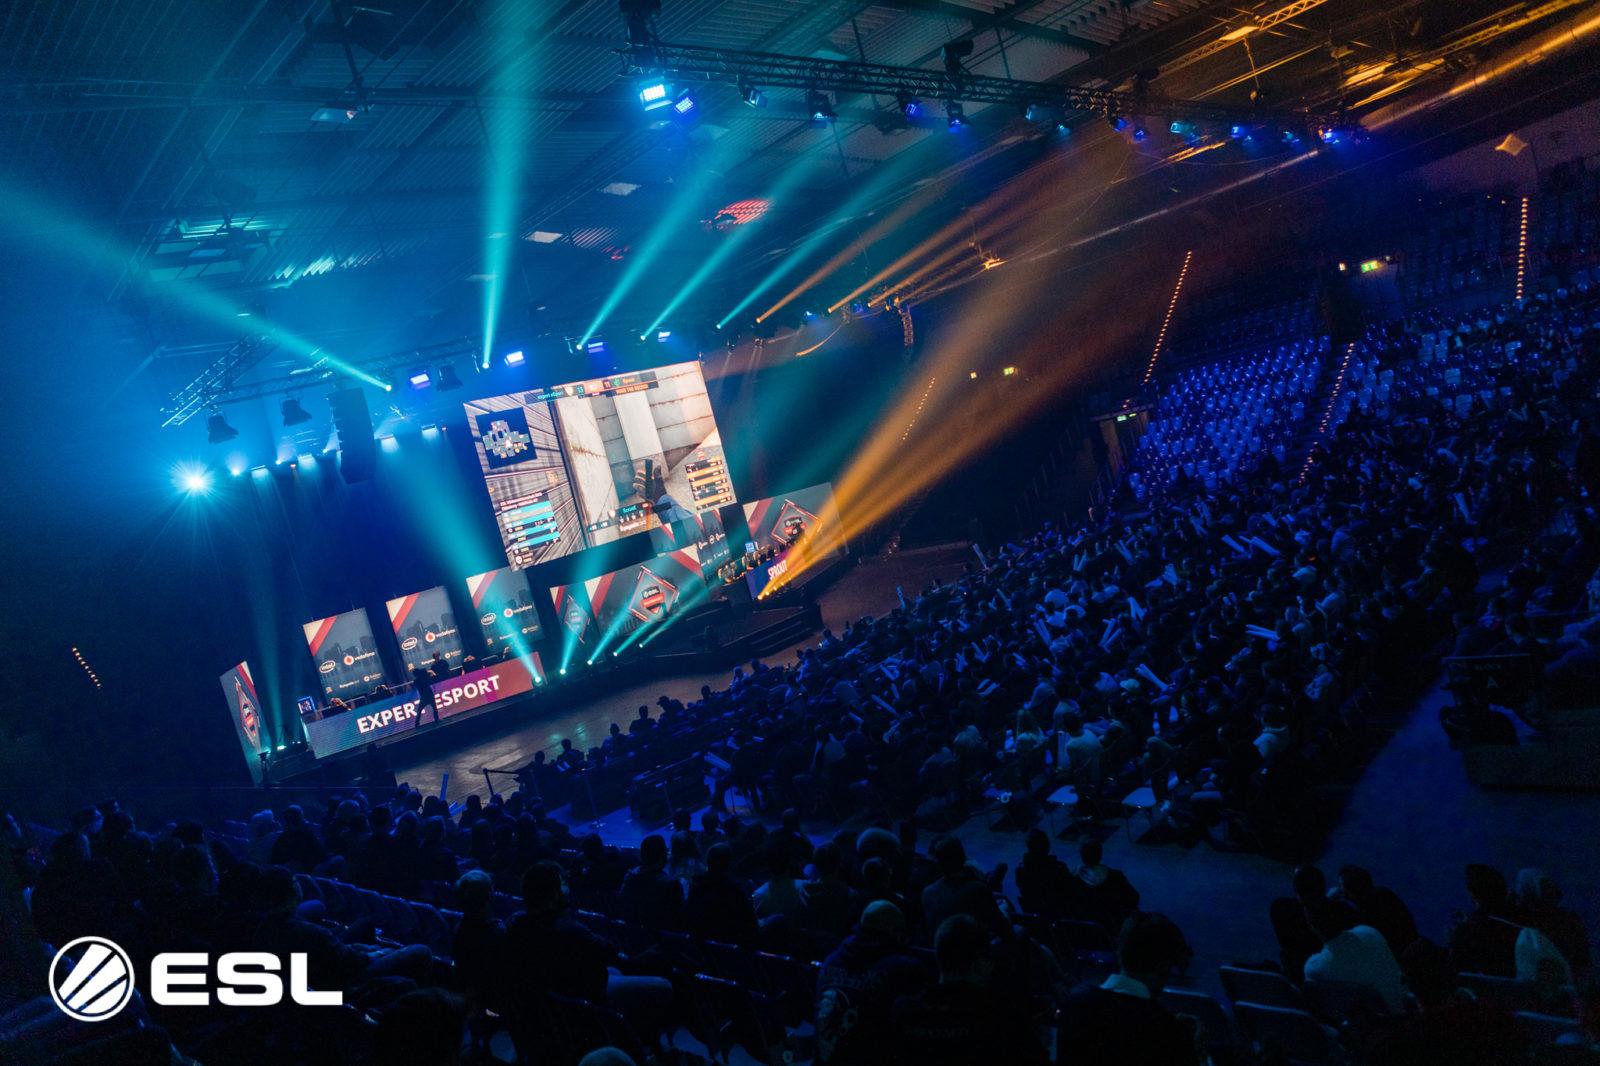 Nach dem Shuffle: Wer erwischt den besten Start in die ESL Frühlingsmeisterschaft 2019?